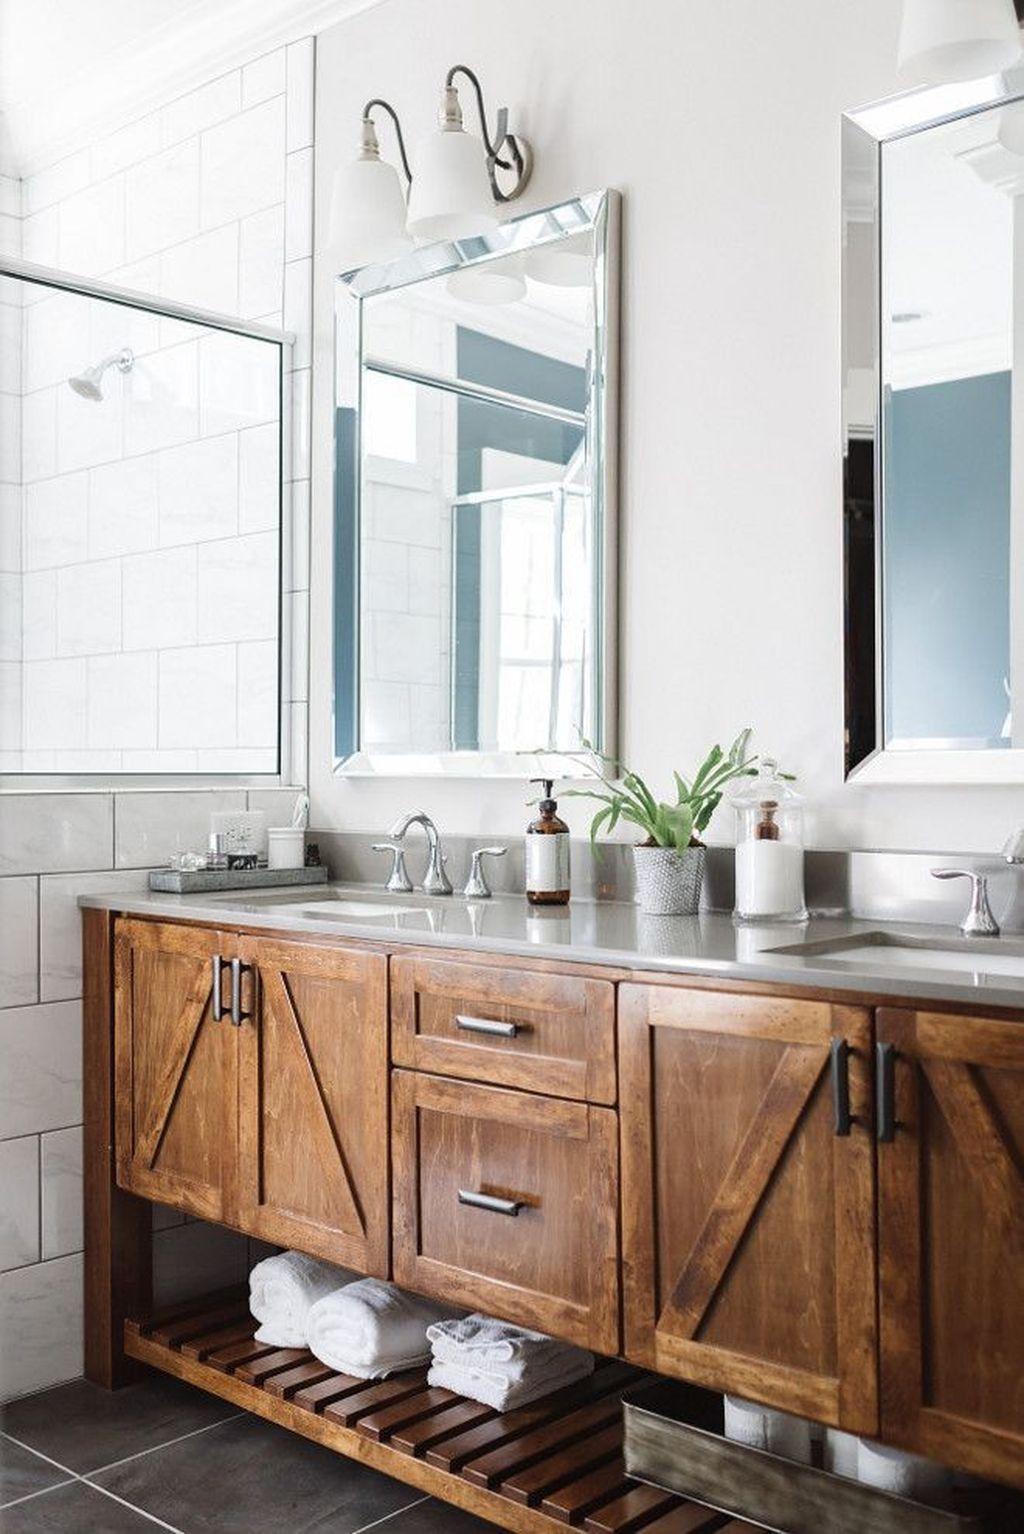 88 Modern Rustic Farmhouse Style Master Bathroom Ideas | Rustic ...